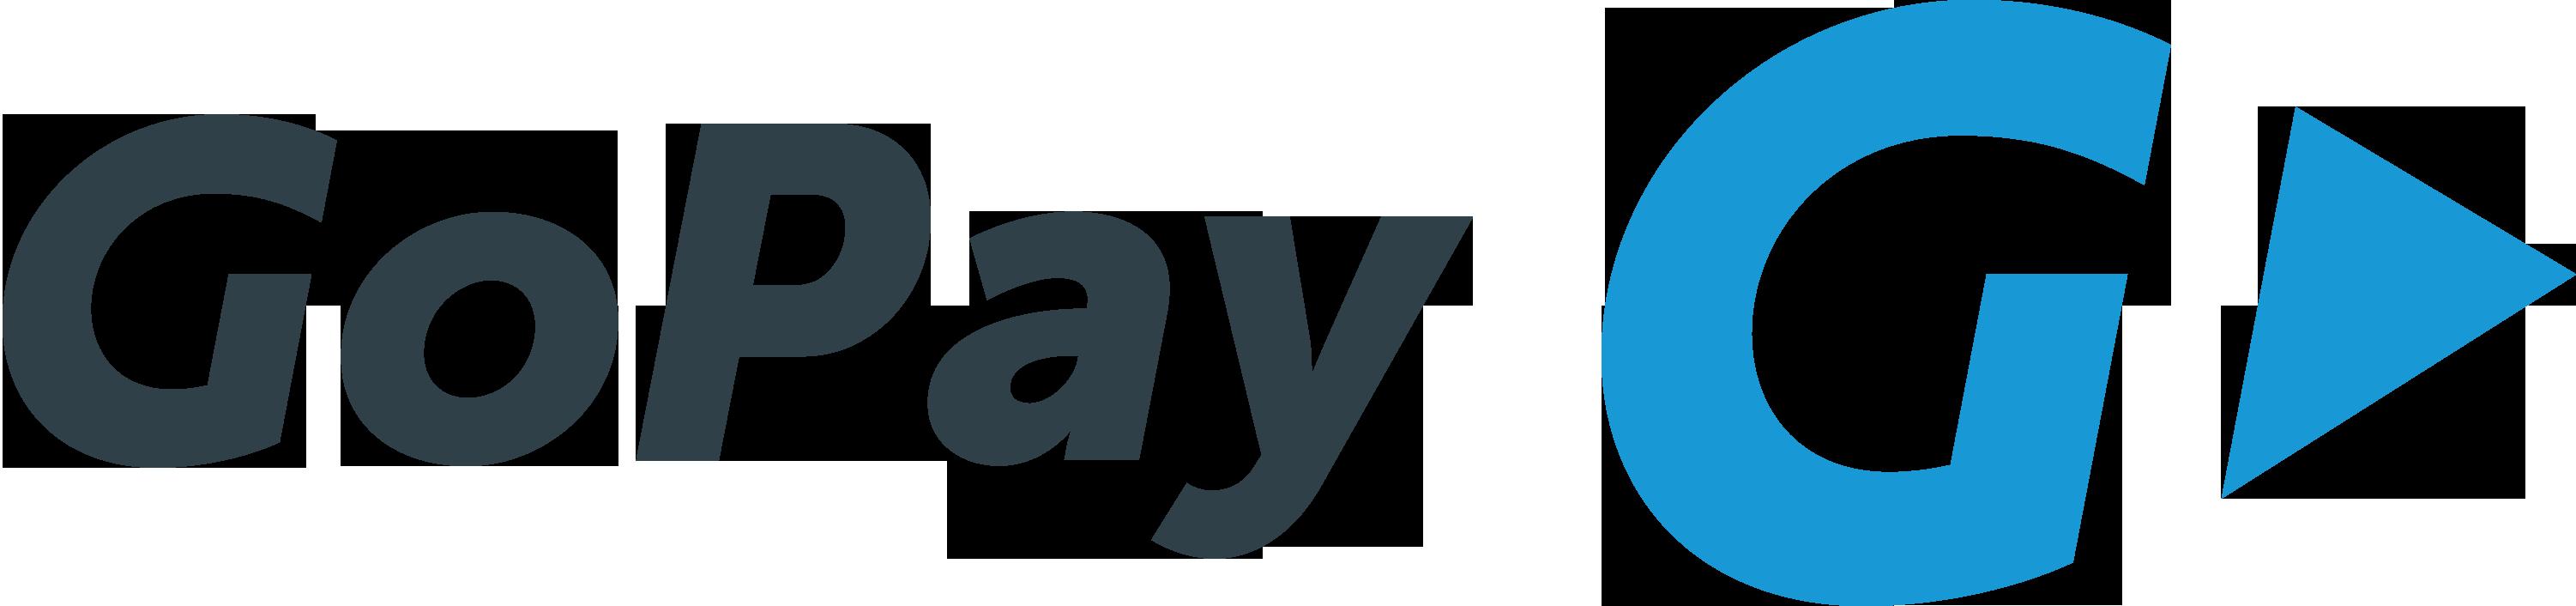 platební metoda gopay logo